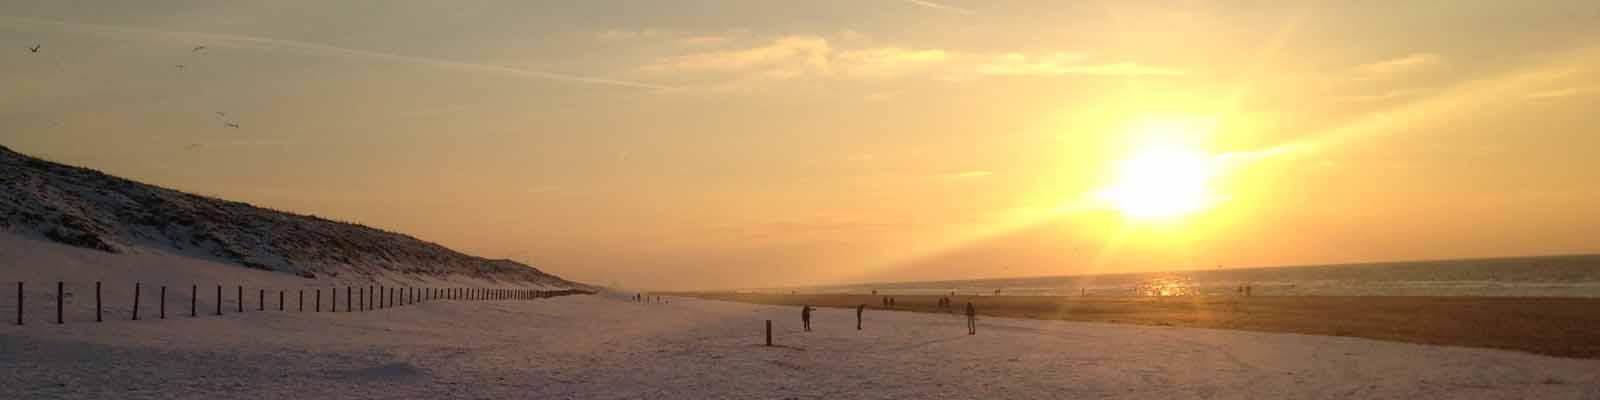 Nog een paar minuten en we zien de zon in de zee zakken.